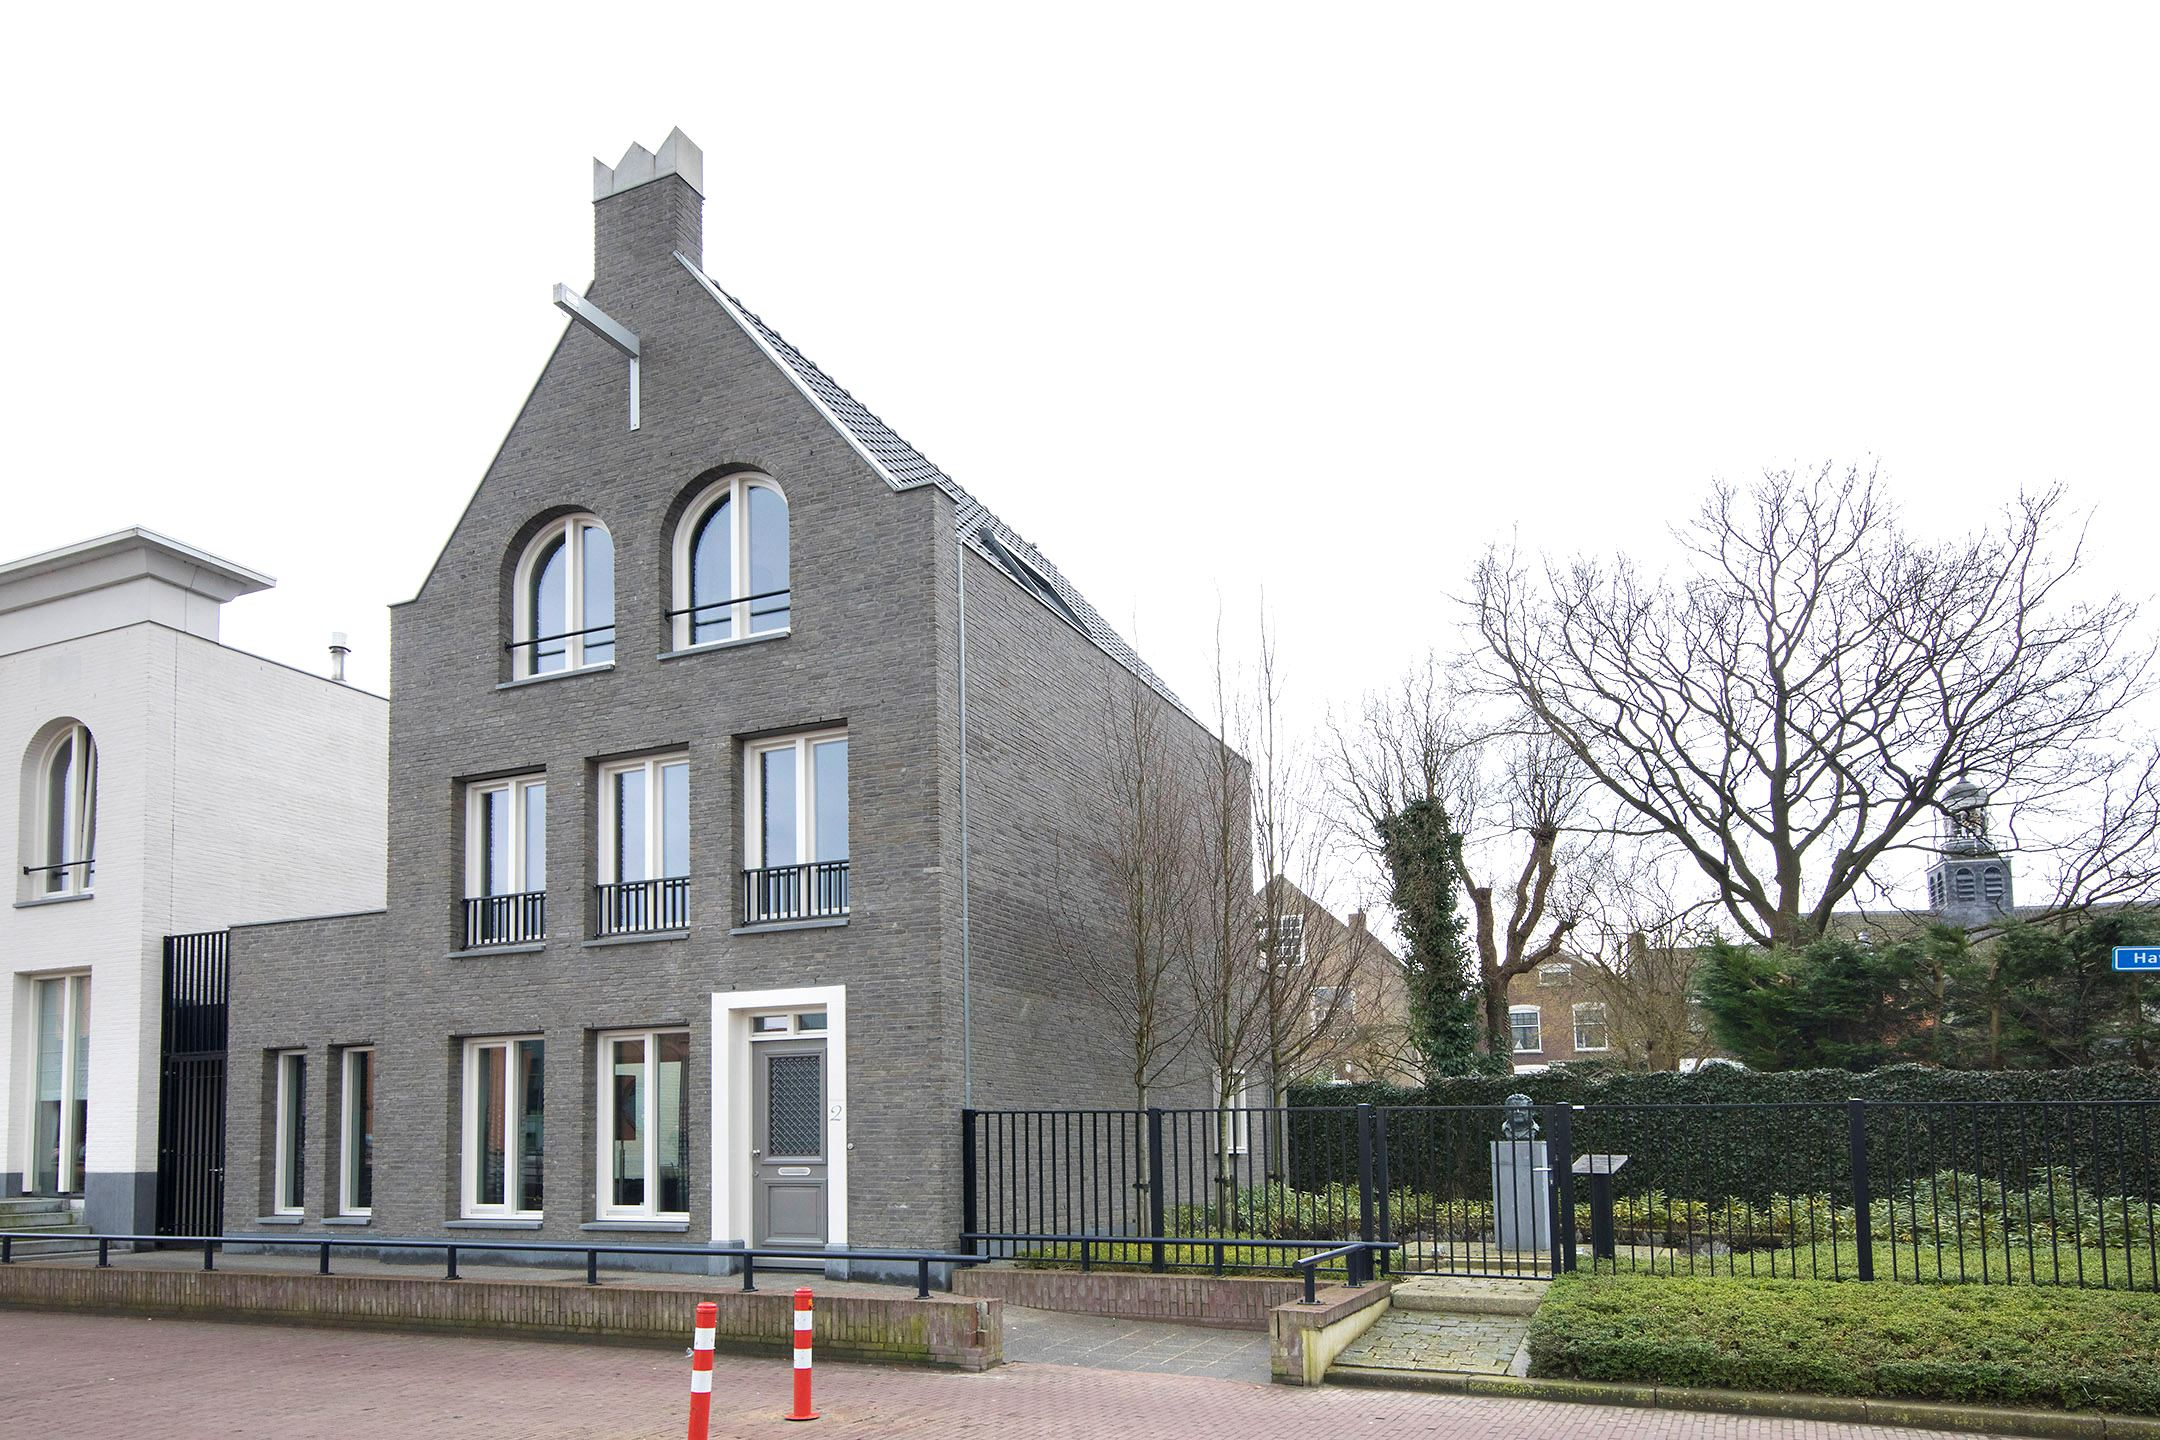 Lampen Etten Leur. Affordable Landelijke Badkamers Jan Van Sundert ...